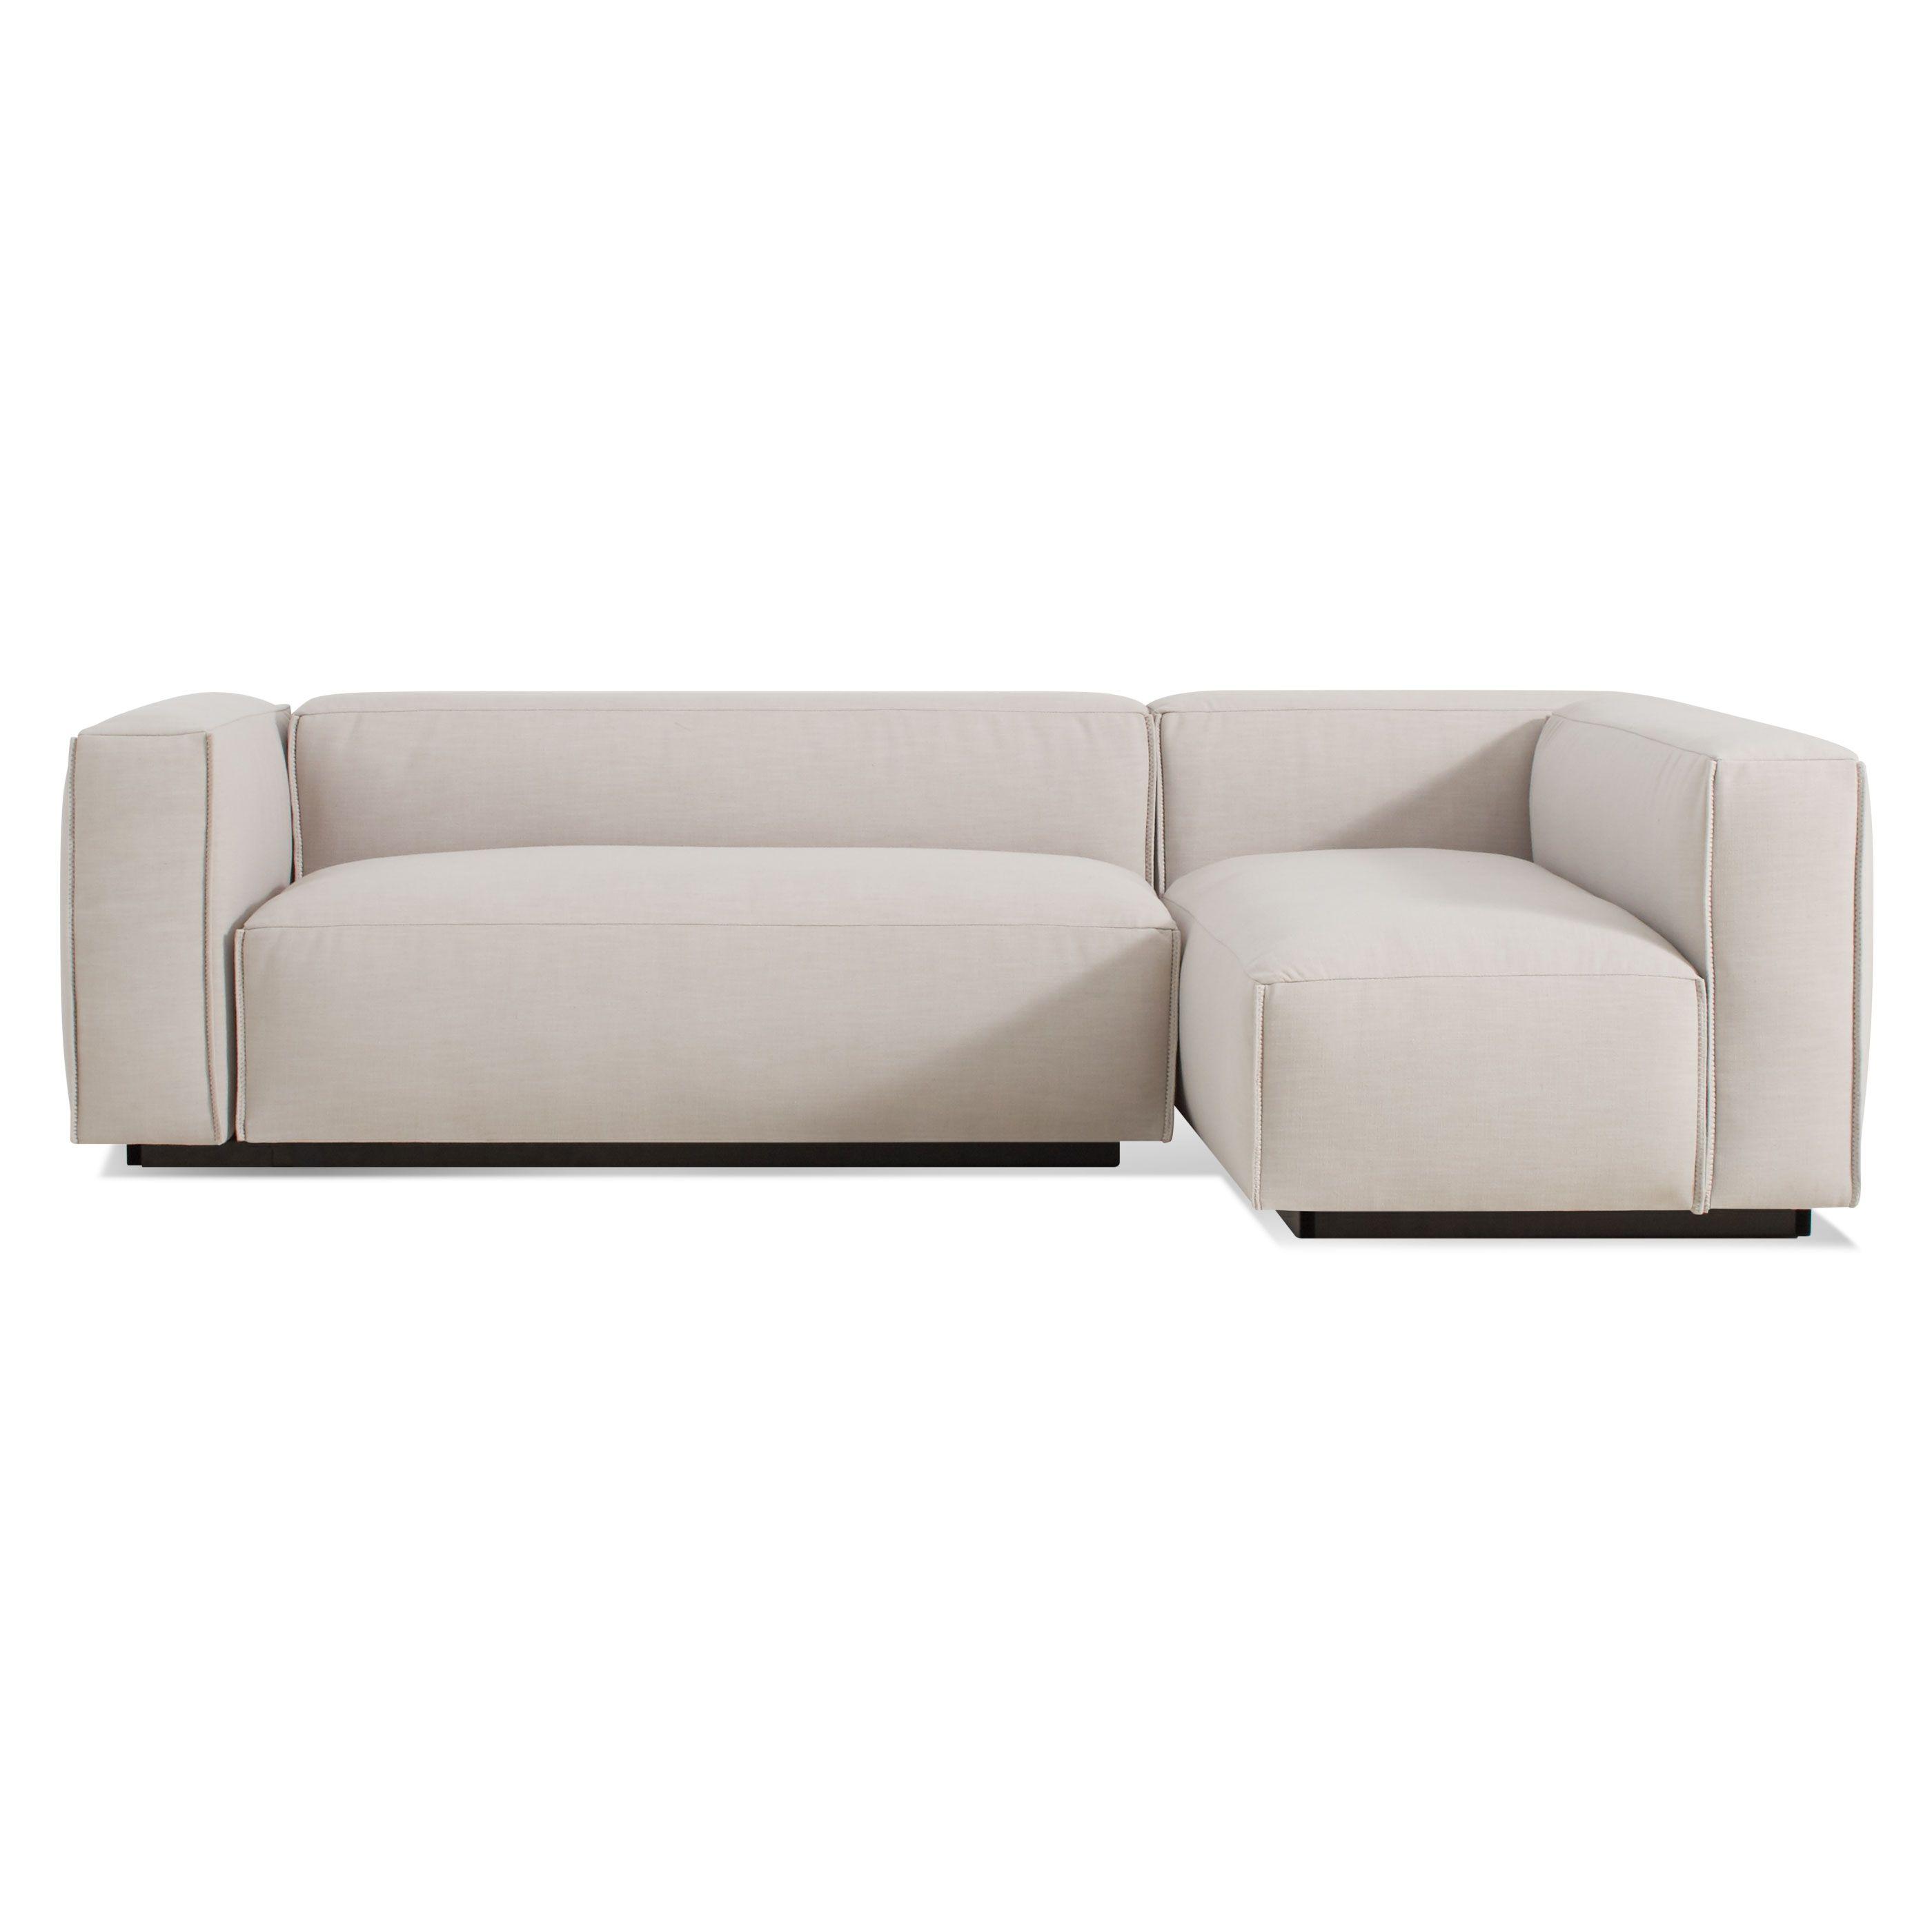 Small Contemporary Sectional Sofas Modern Sofa Sectional Small Sectional Sofa Contemporary Sectional Sofa